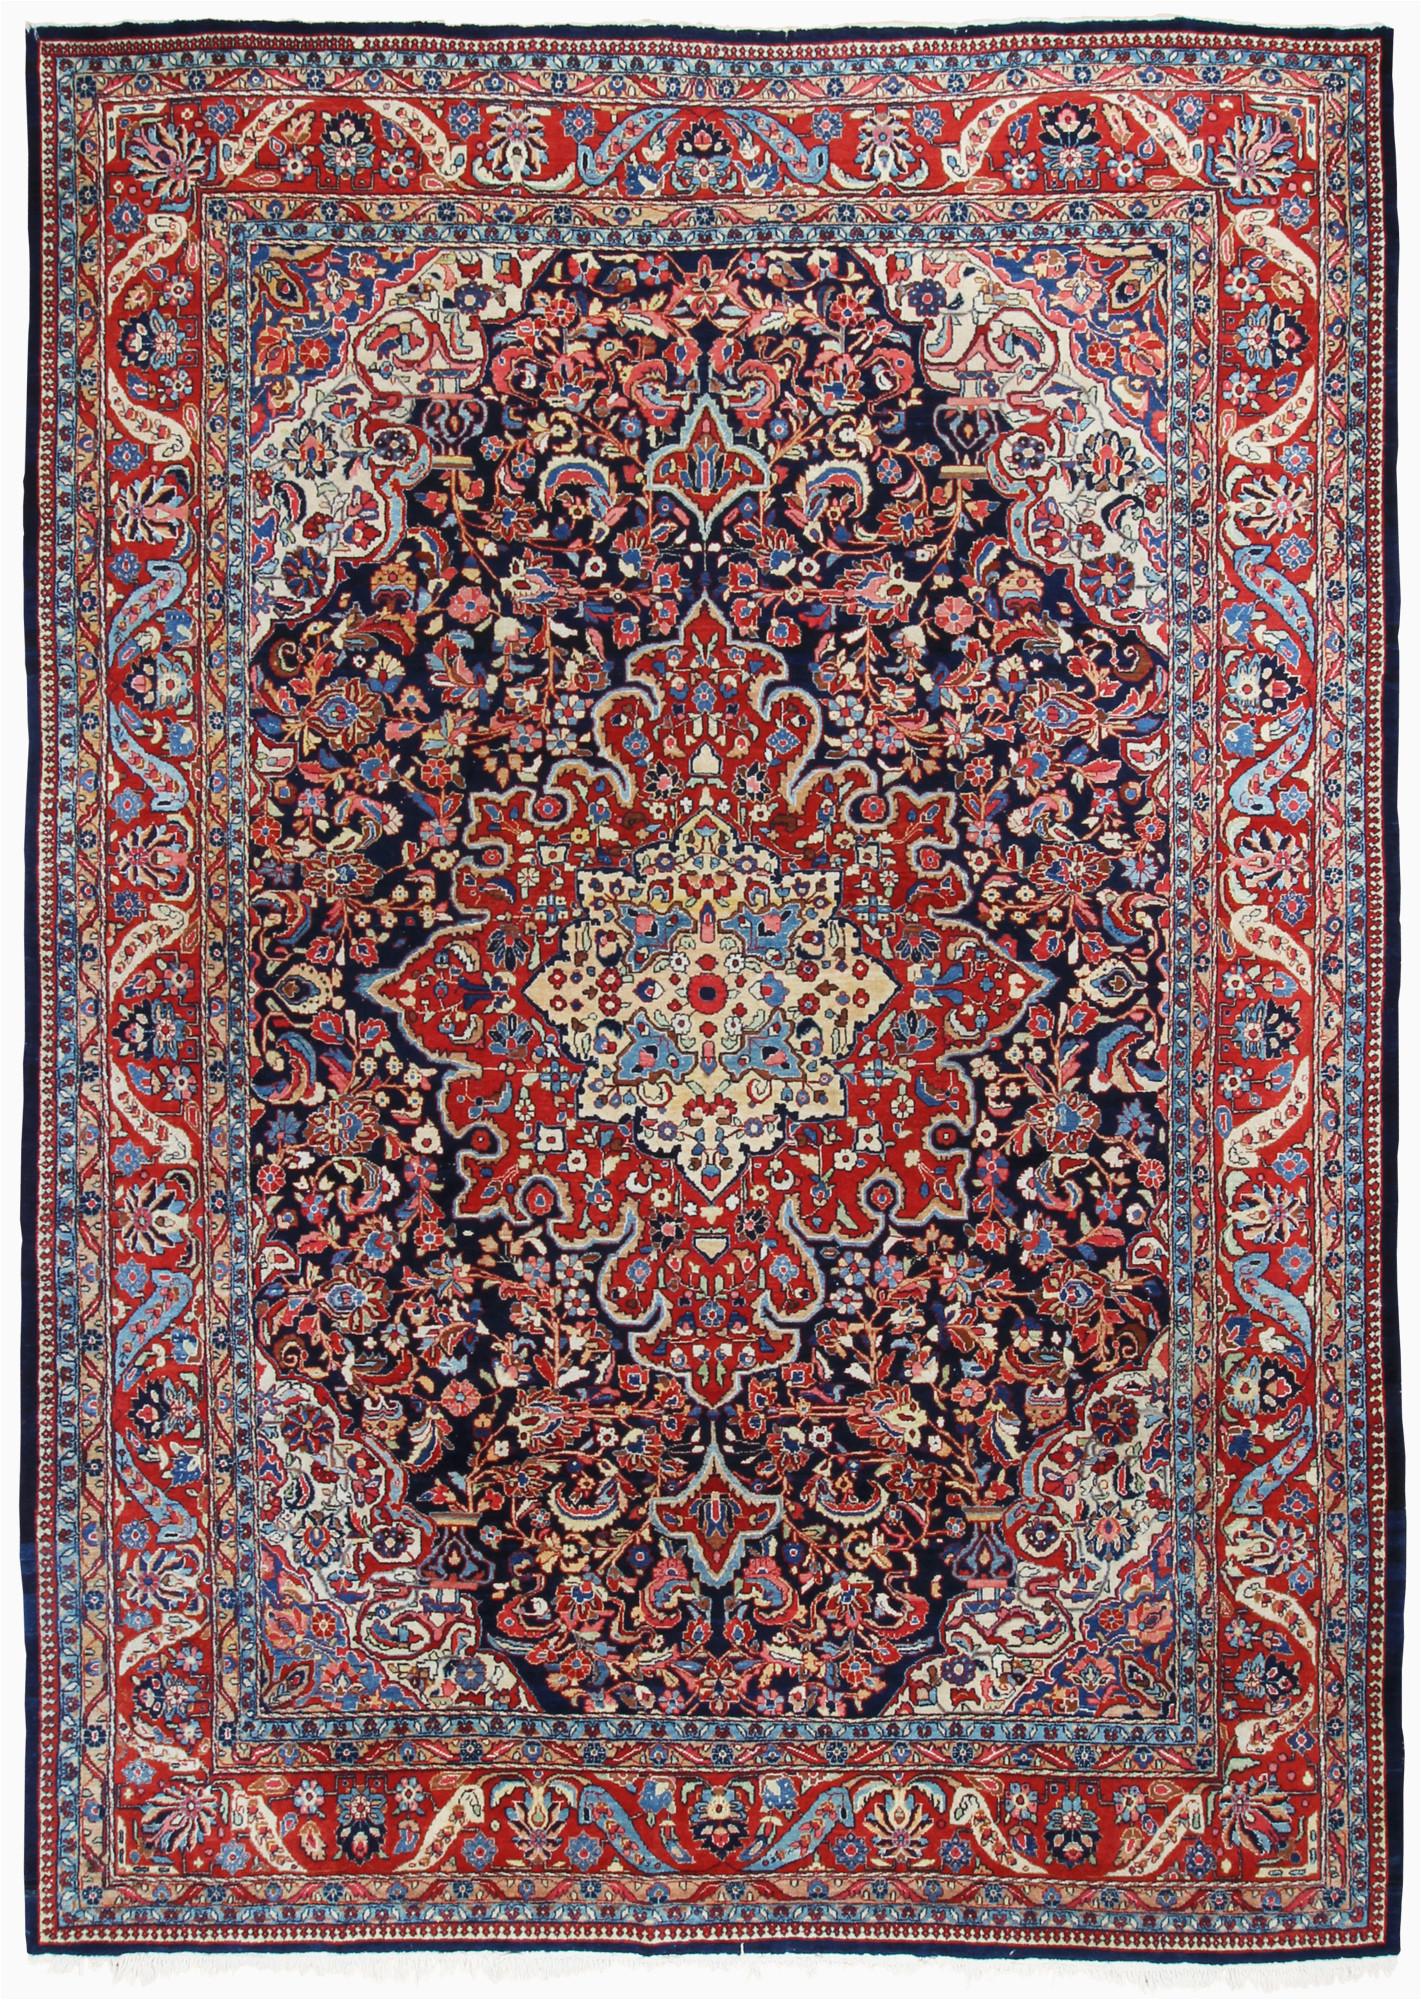 persian sarouk semi antique 10x14 red blue area rug